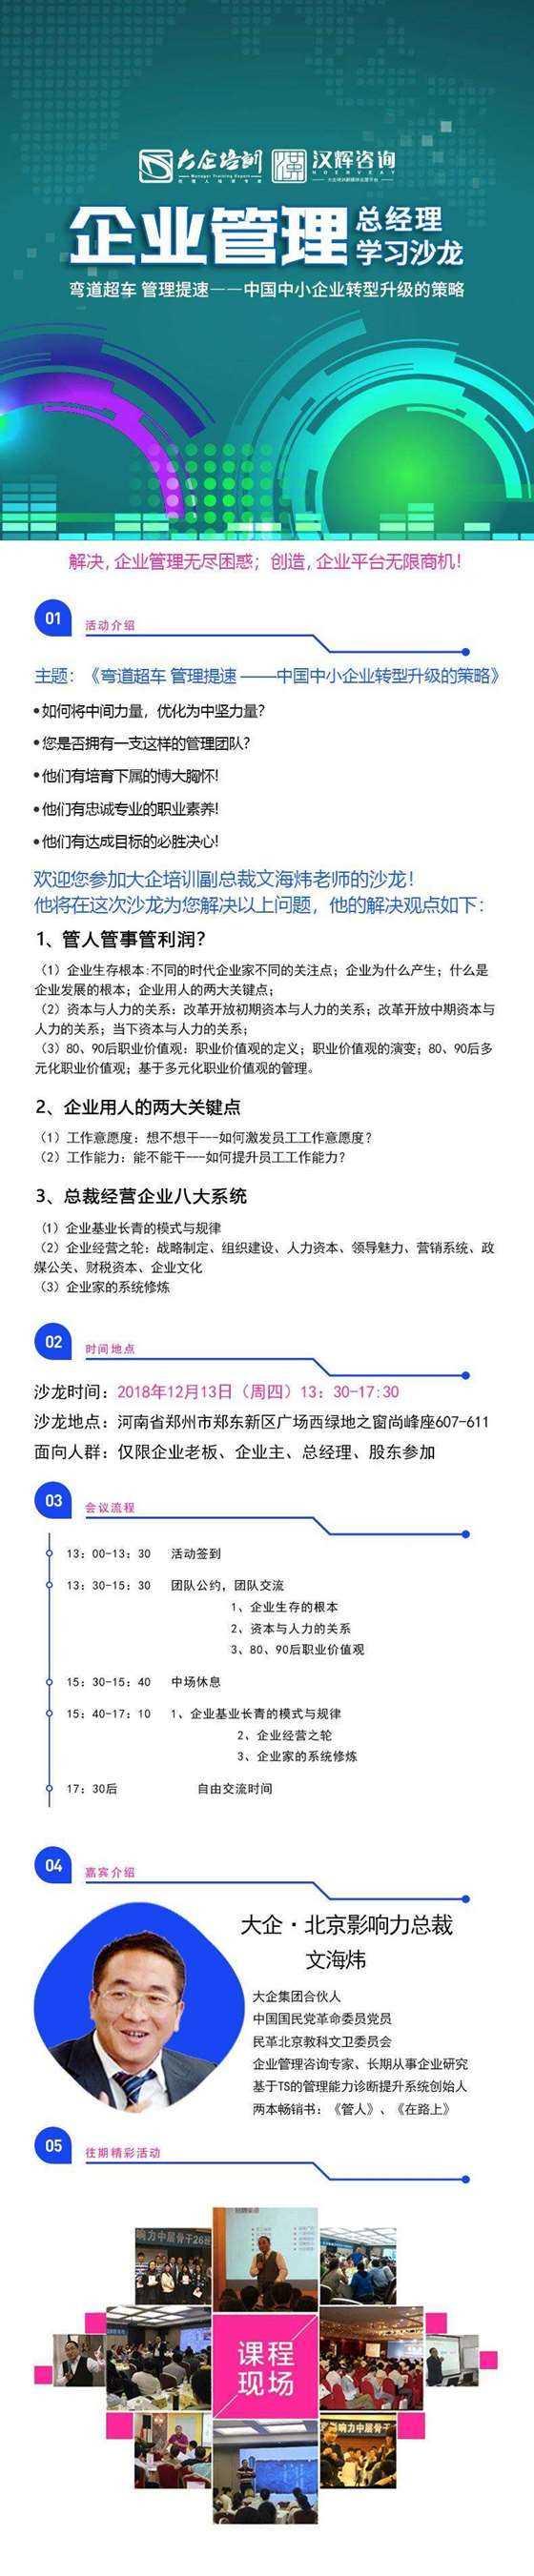 沙龙详情页(文海炜)12.13.jpg